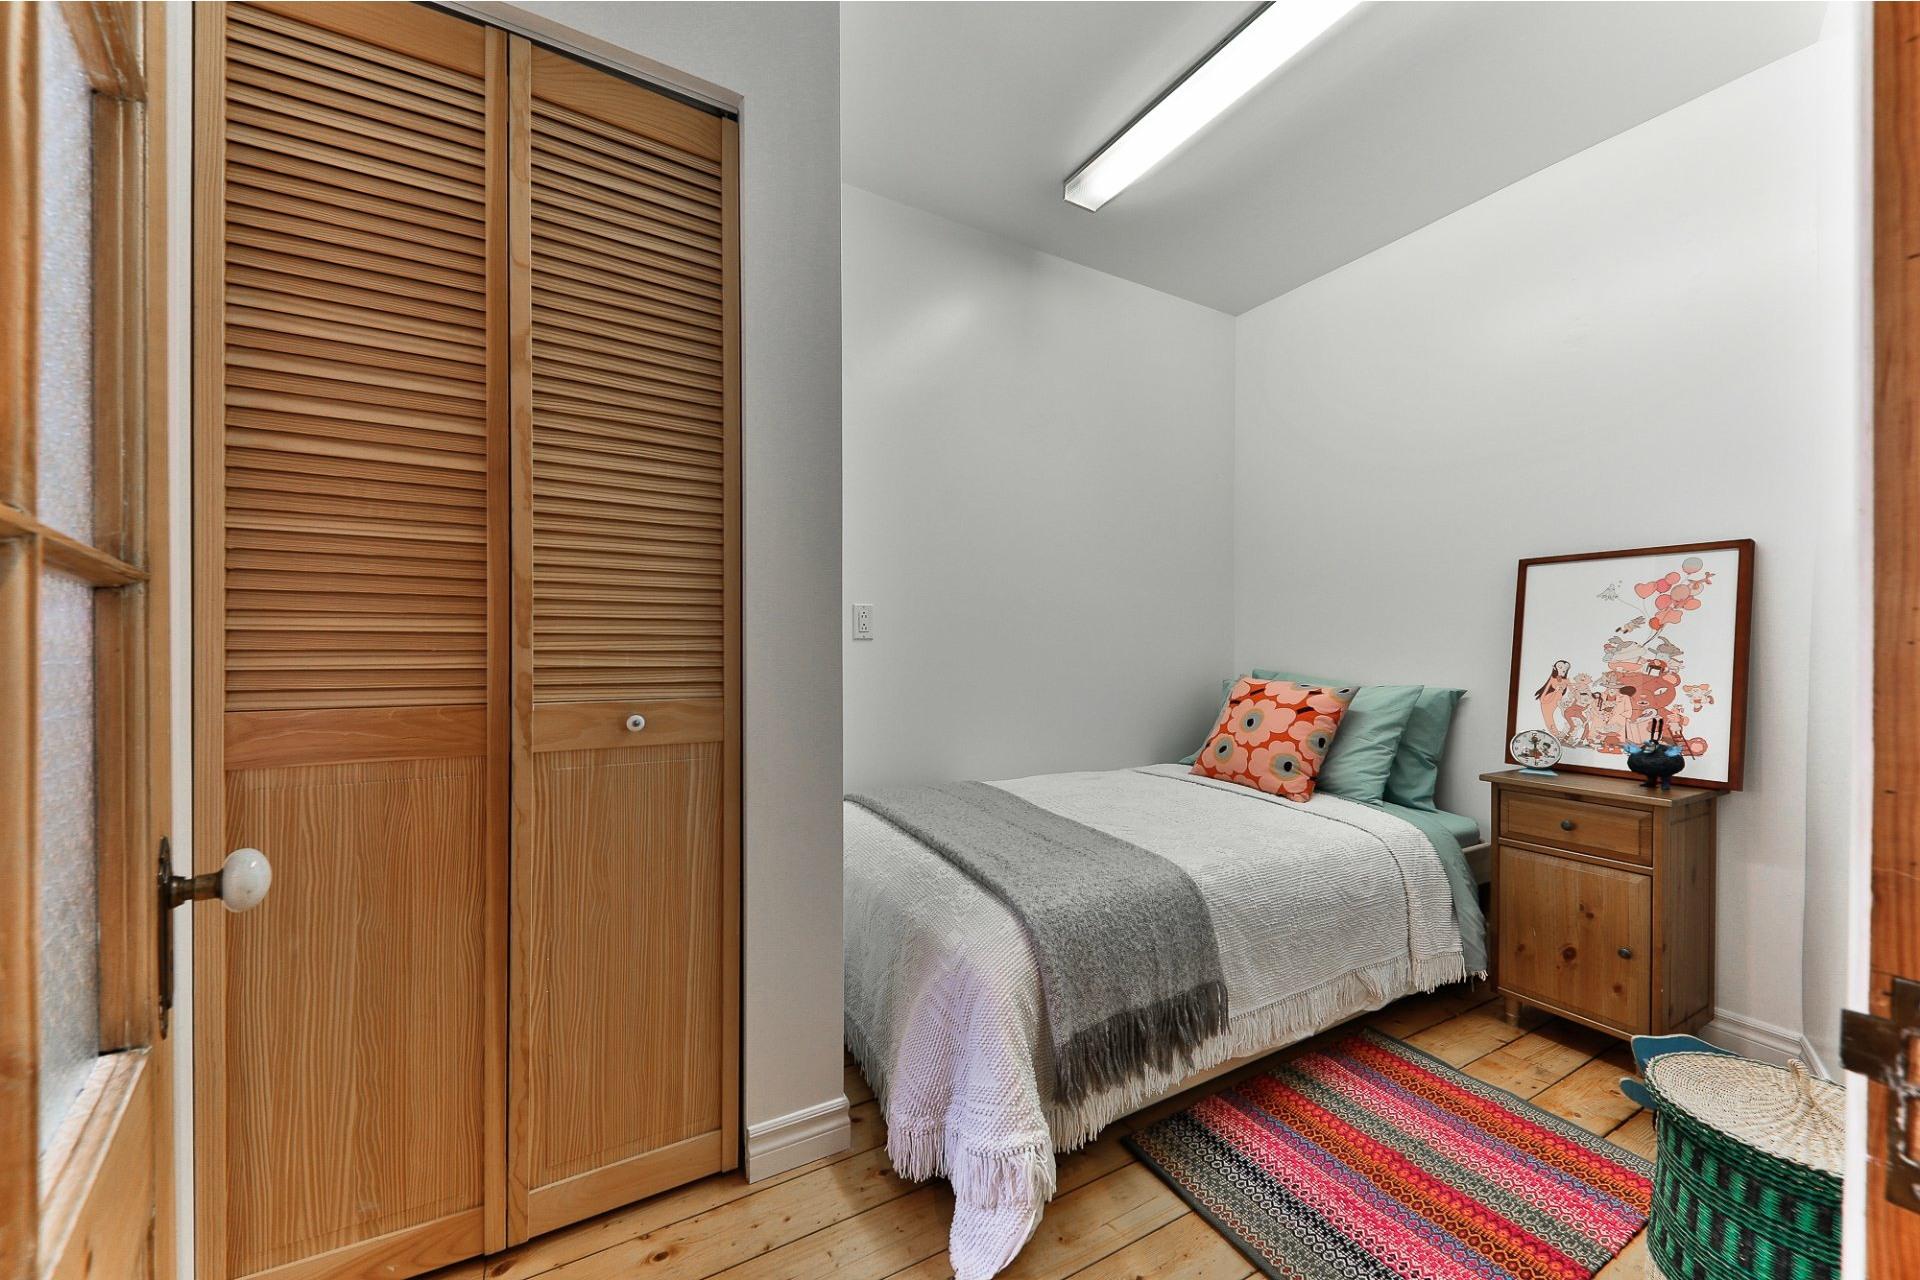 image 7 - Appartement À vendre Le Plateau-Mont-Royal Montréal  - 7 pièces